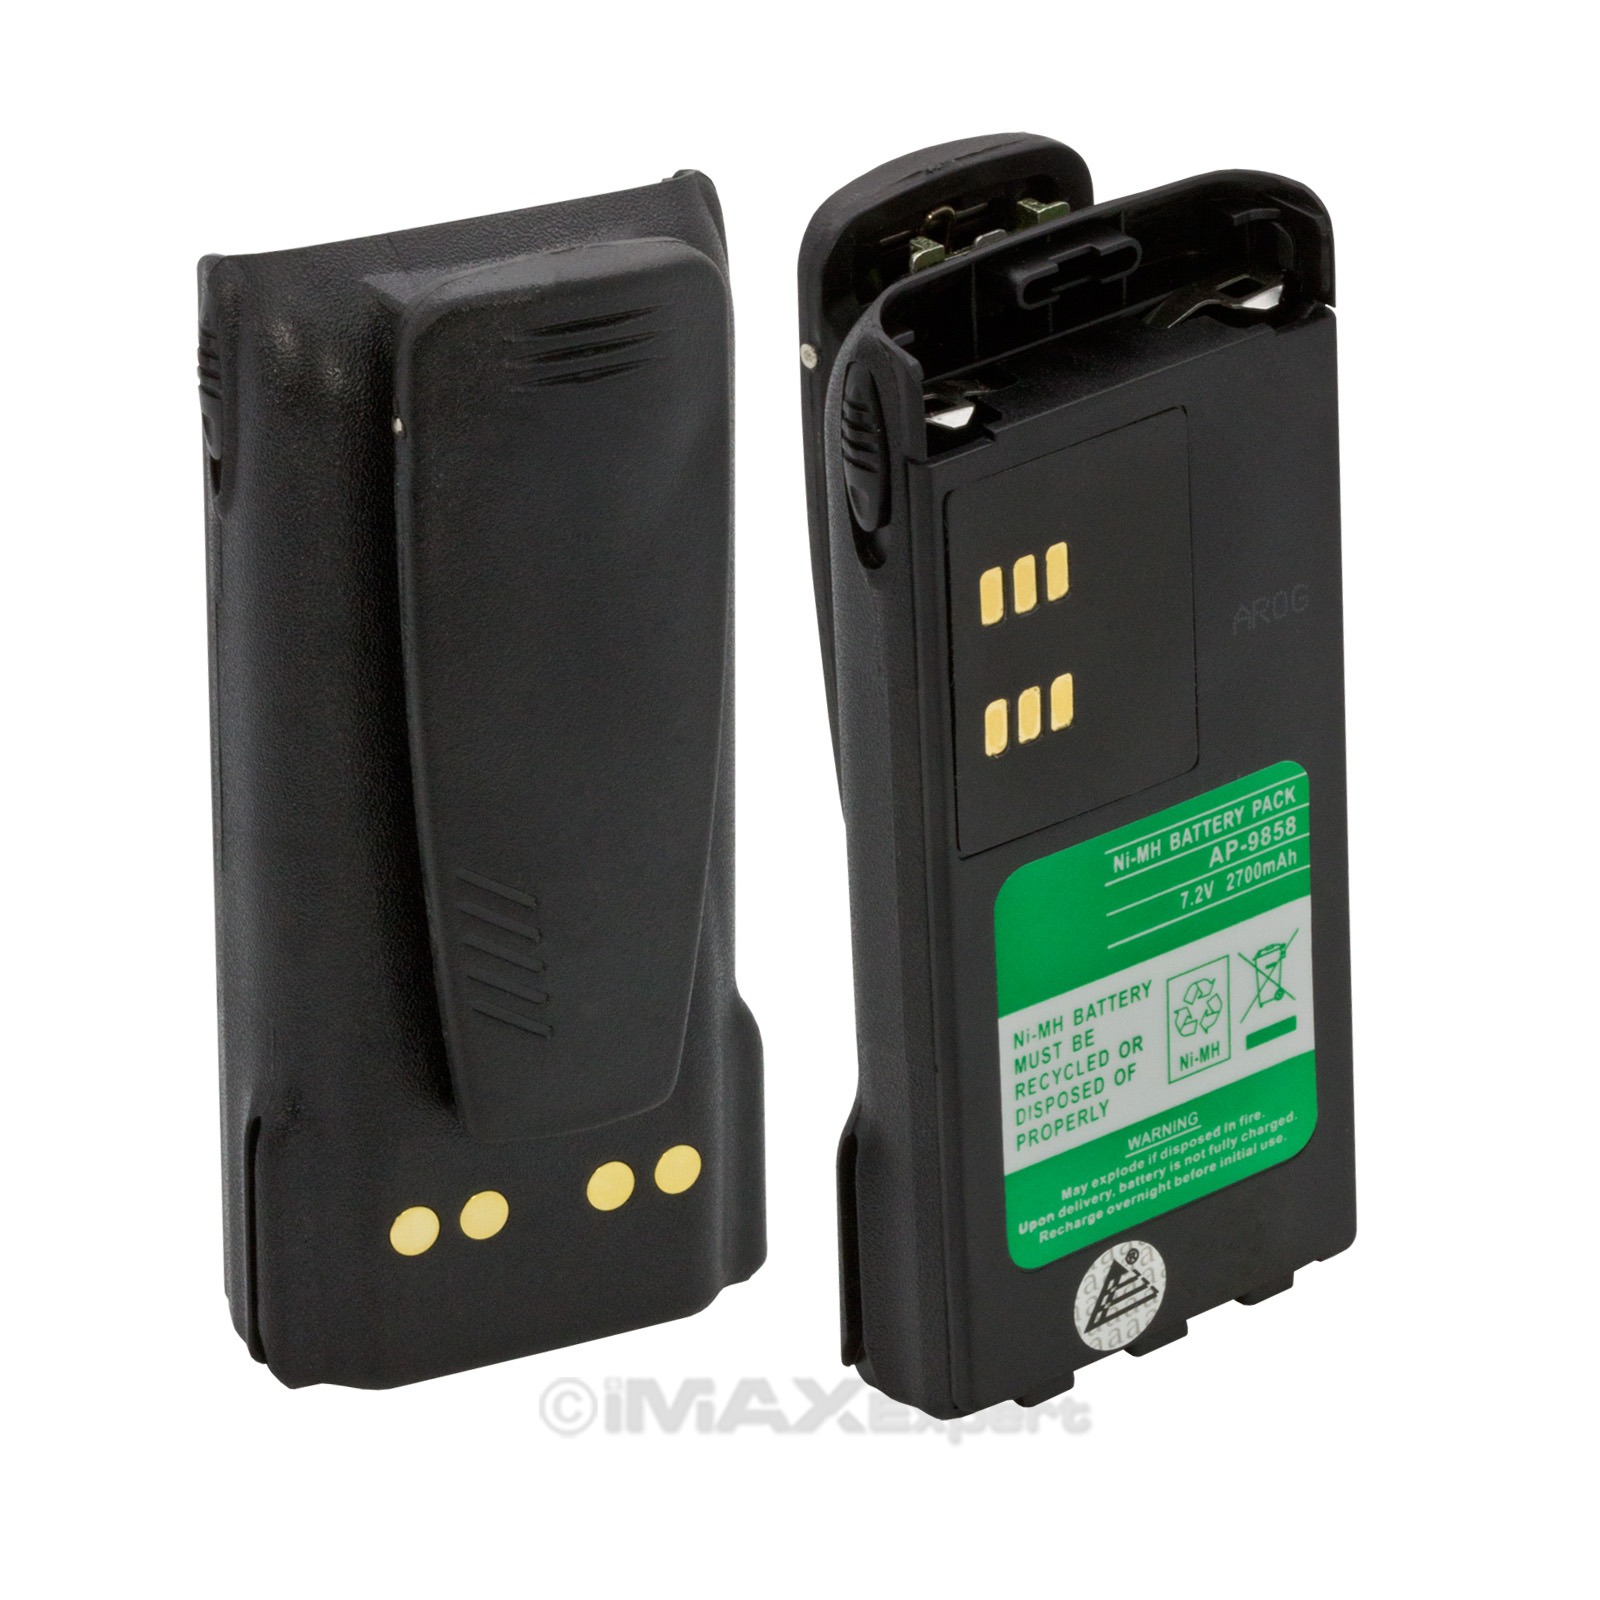 Ntn9815ar Ntn9858c Battery For Motorola Xts1500 Xts2500